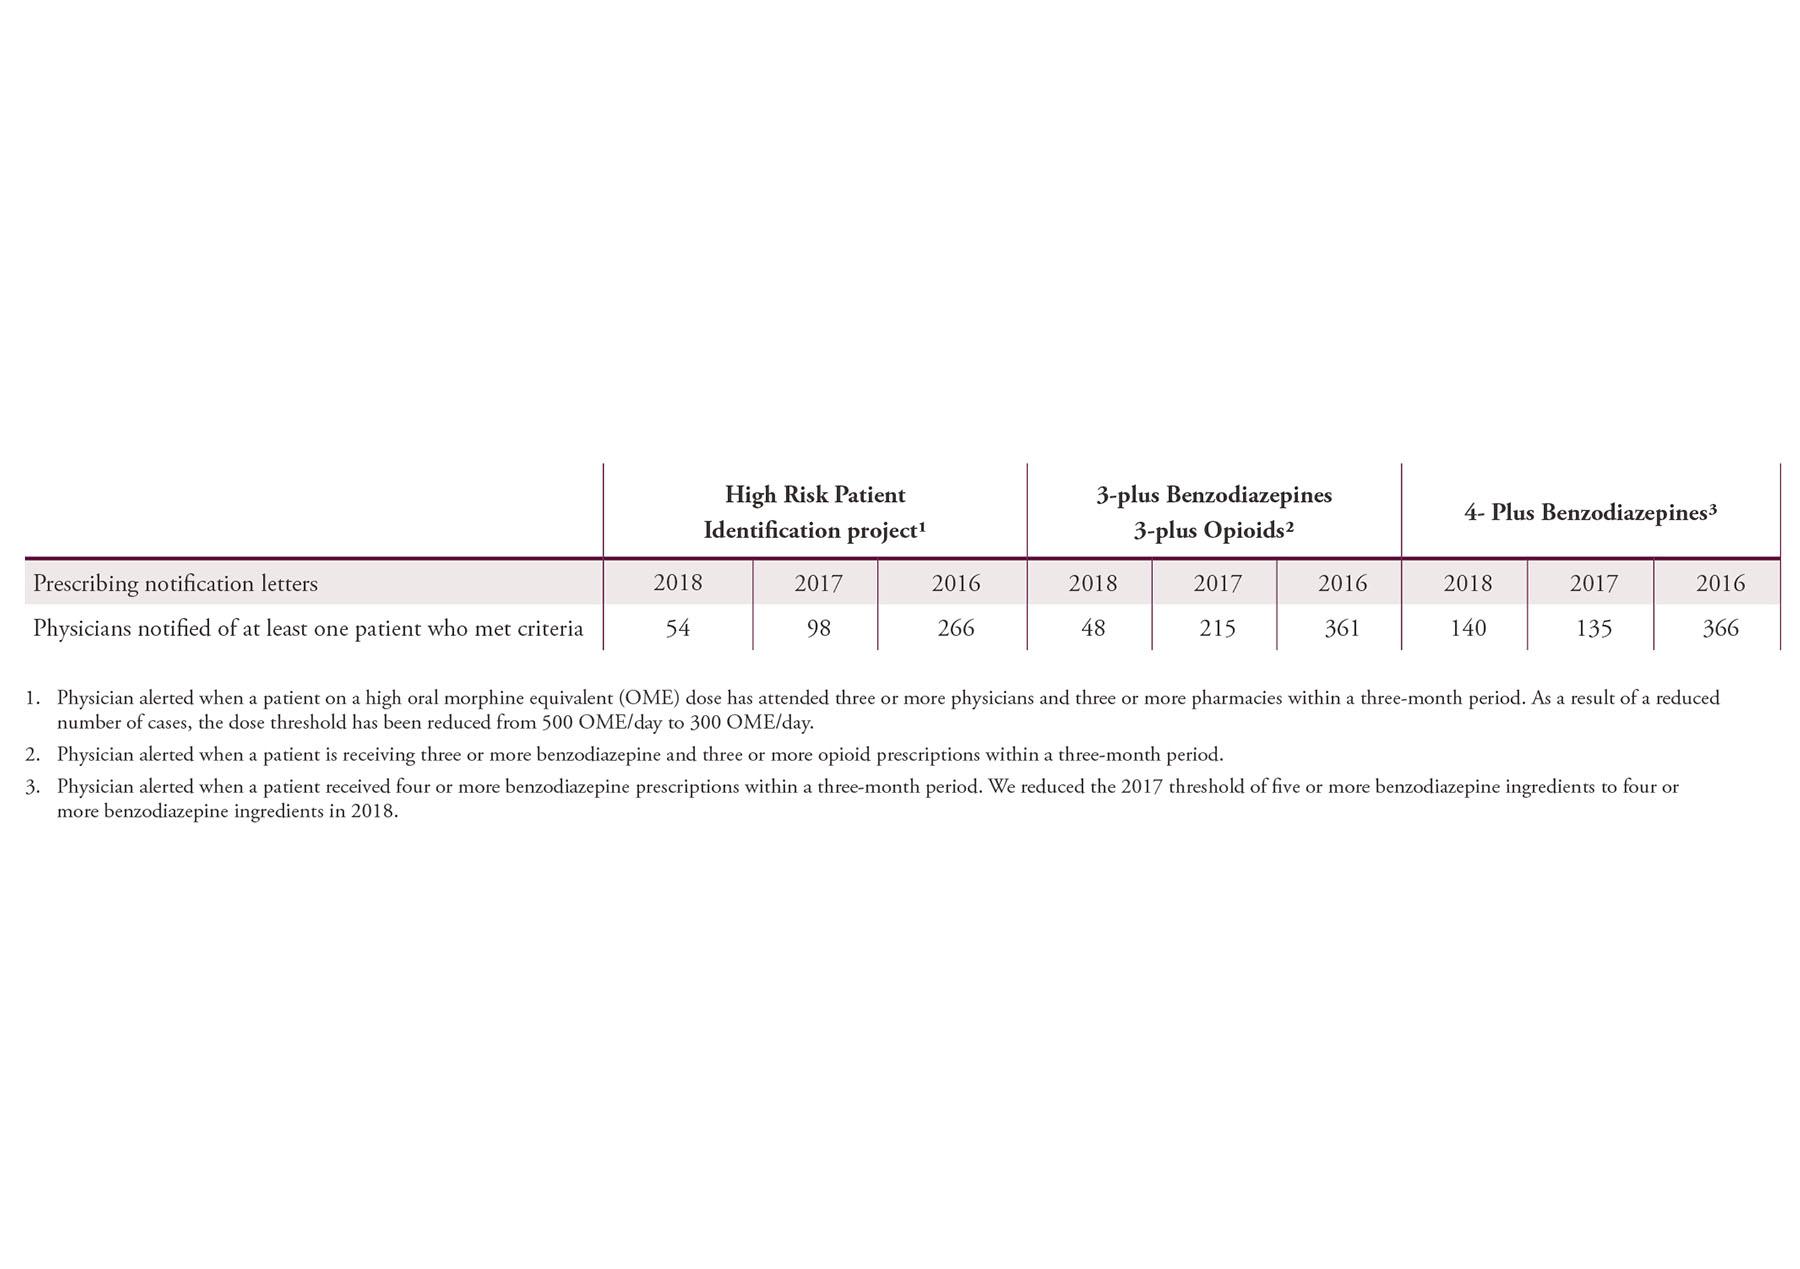 CPSA_AnnualReport_Tables_032919-19.jpg